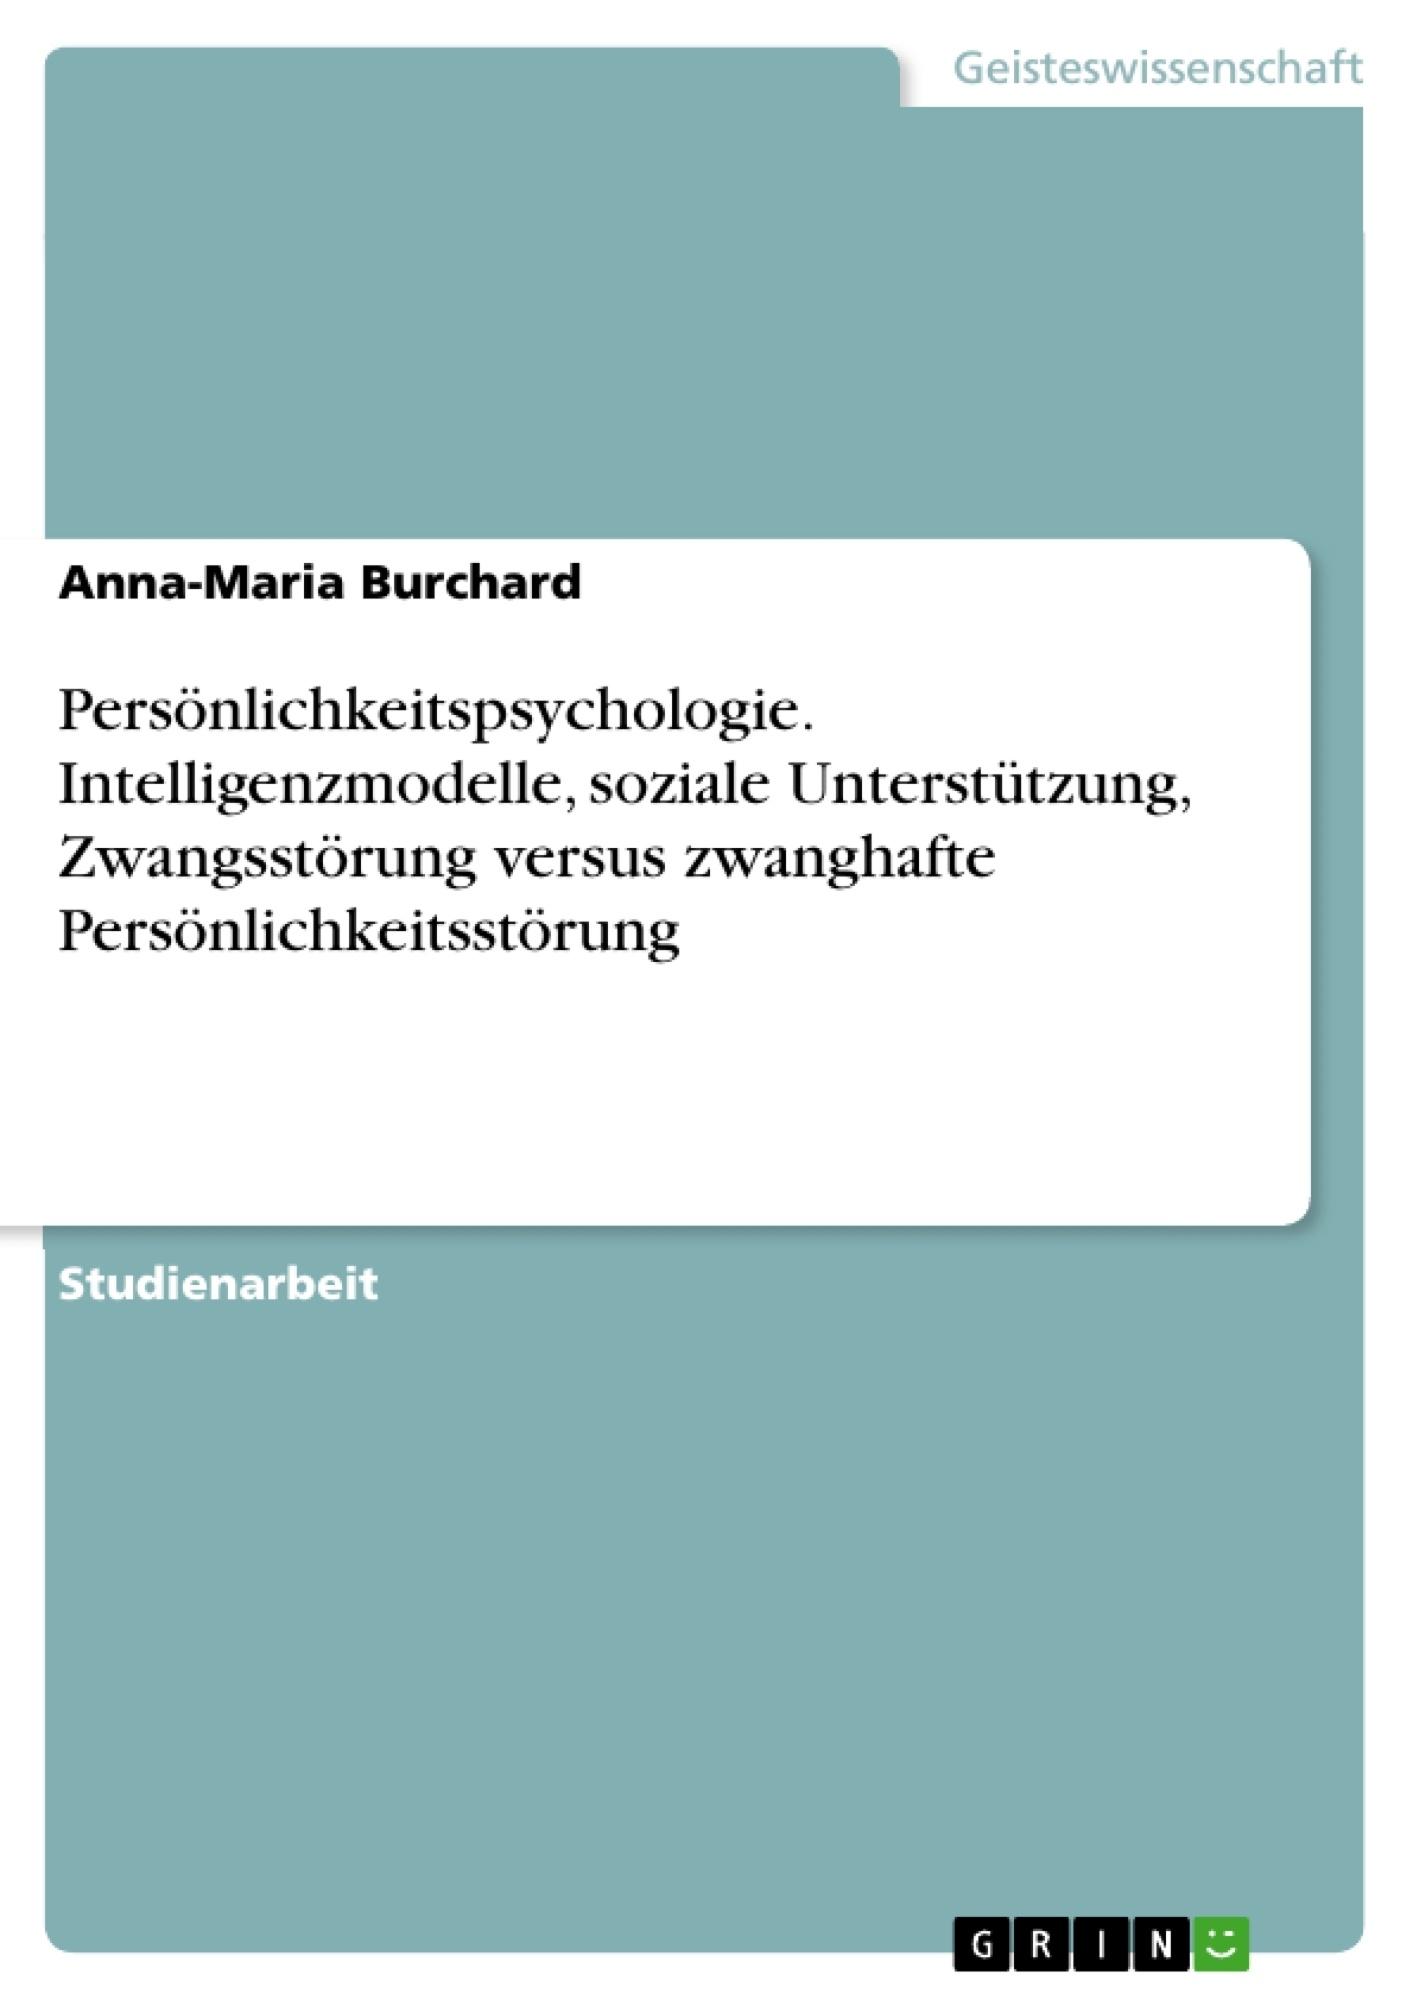 Titel: Persönlichkeitspsychologie. Intelligenzmodelle, soziale Unterstützung, Zwangsstörung versus zwanghafte Persönlichkeitsstörung